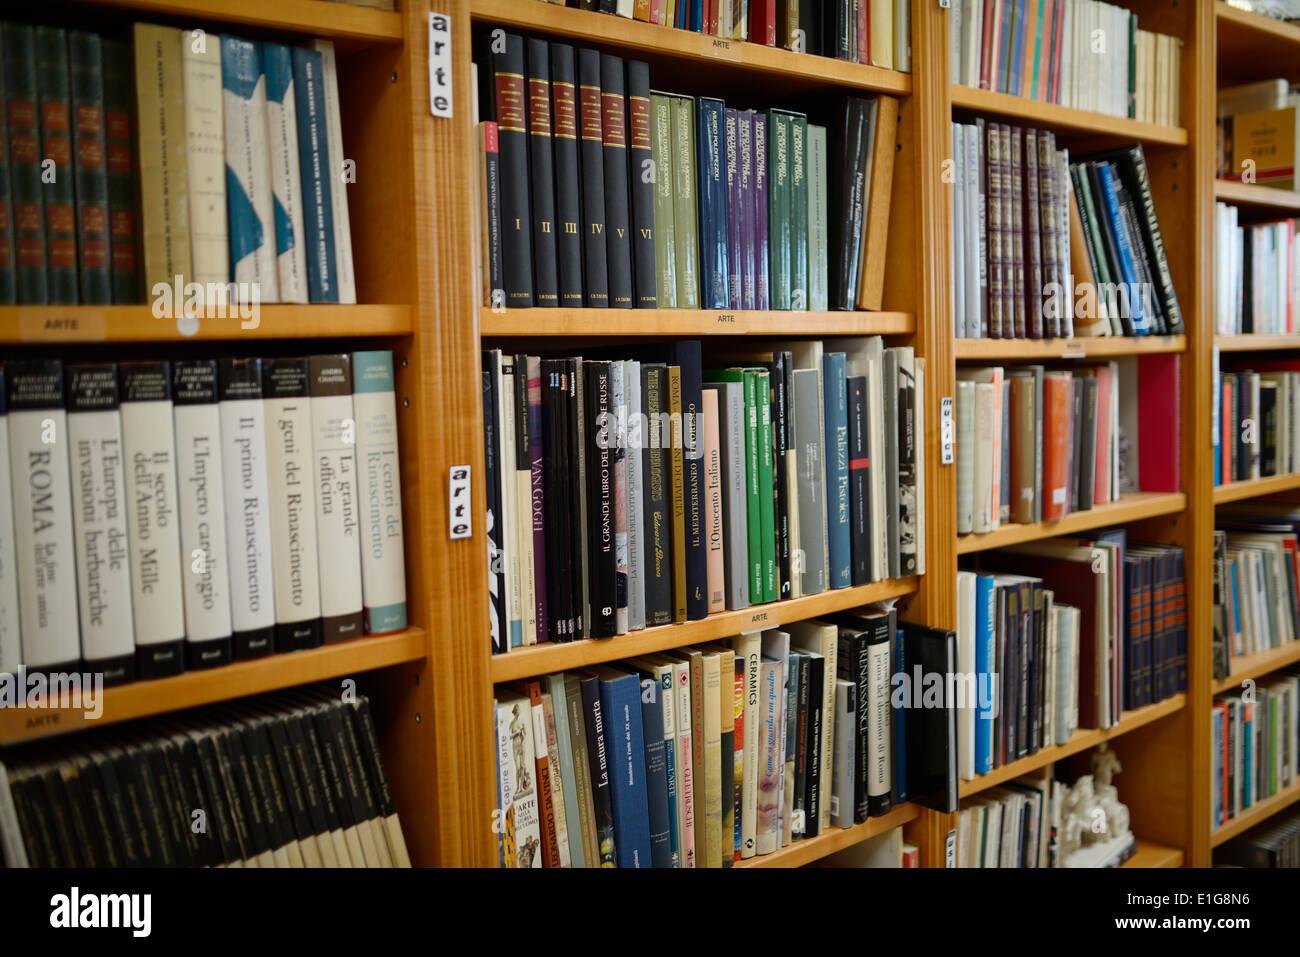 Alberto Di Giovanni Italian library book shelves in the Columbus Centre Toronto Canada - Stock Image